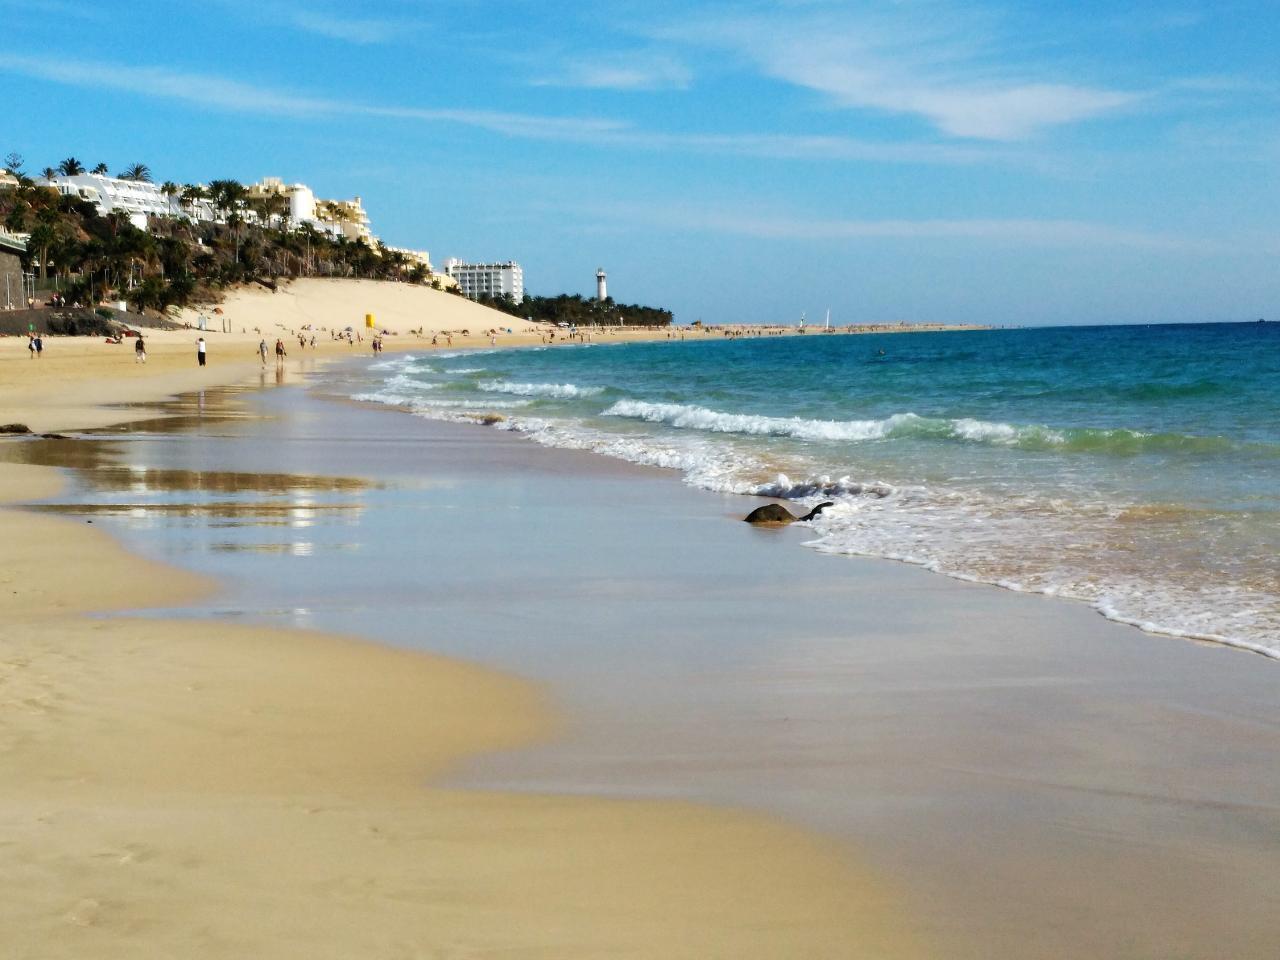 Ferienwohnung Apartment 2 / 4er Direkt am Meer, mit Blick auf den Strand, Schwimmbäder, ausgestattet. WI (634890), Morro Jable, Fuerteventura, Kanarische Inseln, Spanien, Bild 30